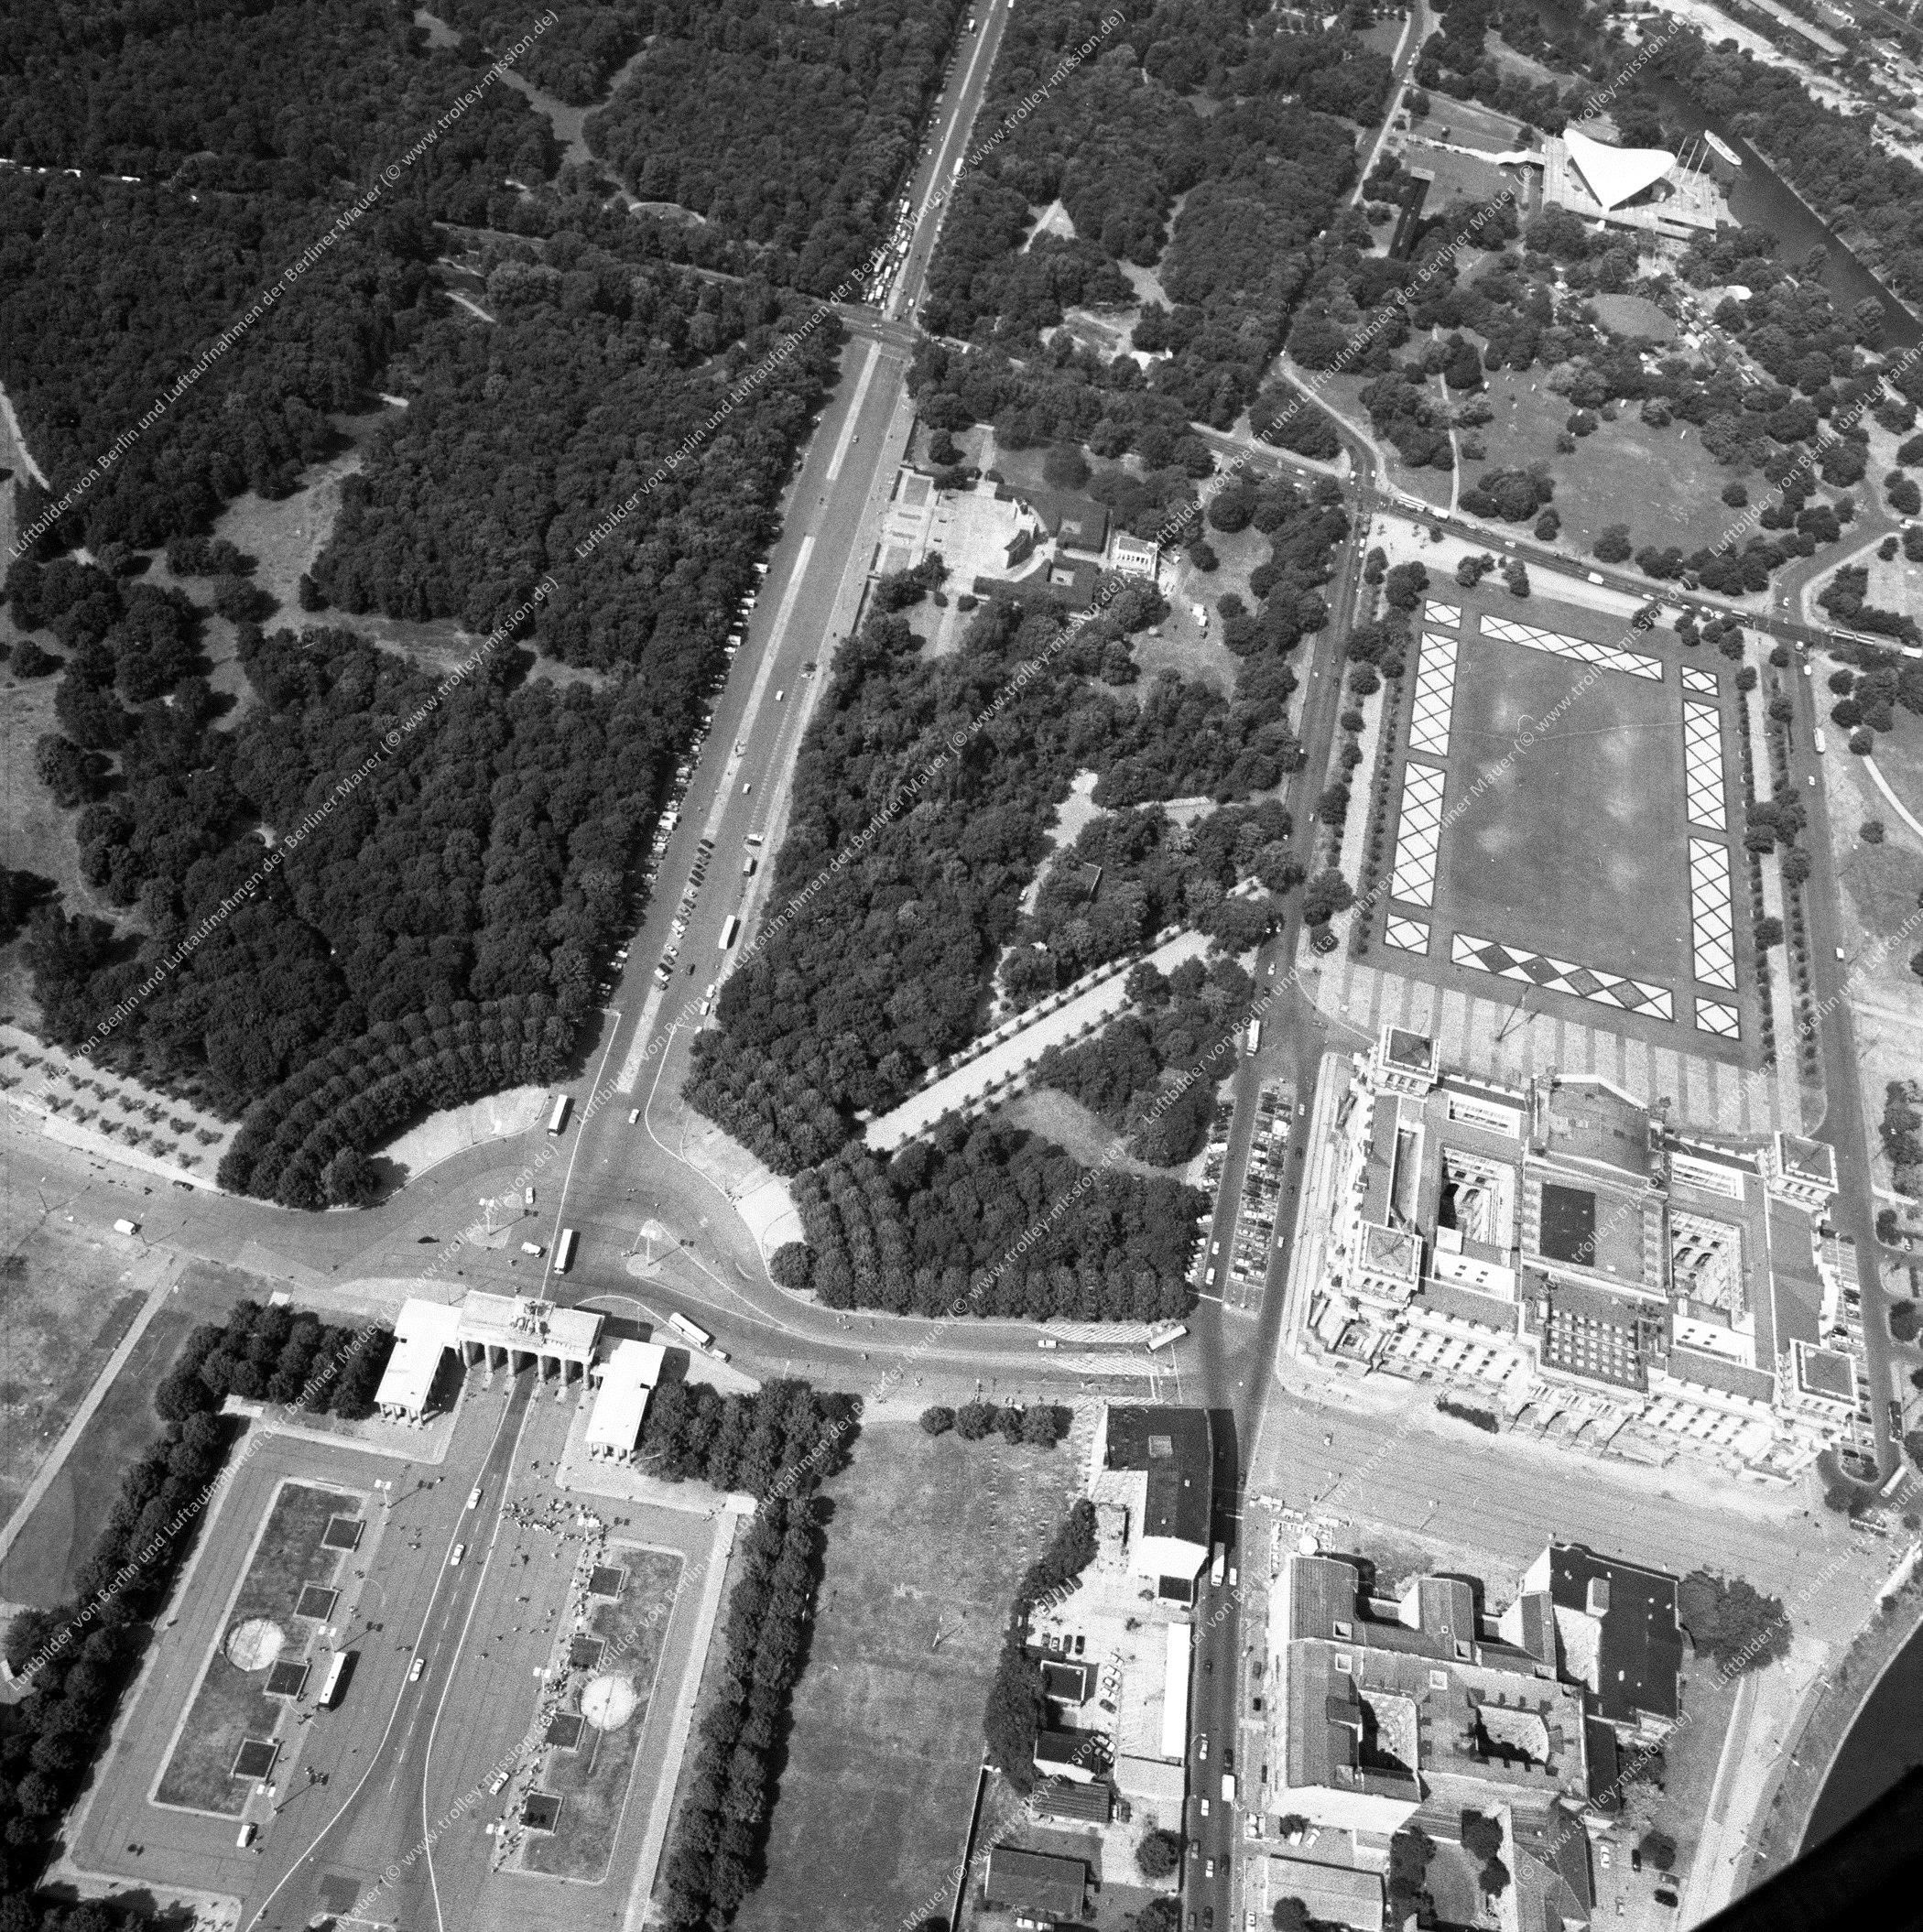 Reichstag, Brandenburger Tor und Paris Platz nach der deutschen Wiedervereinigung (Bild 129)